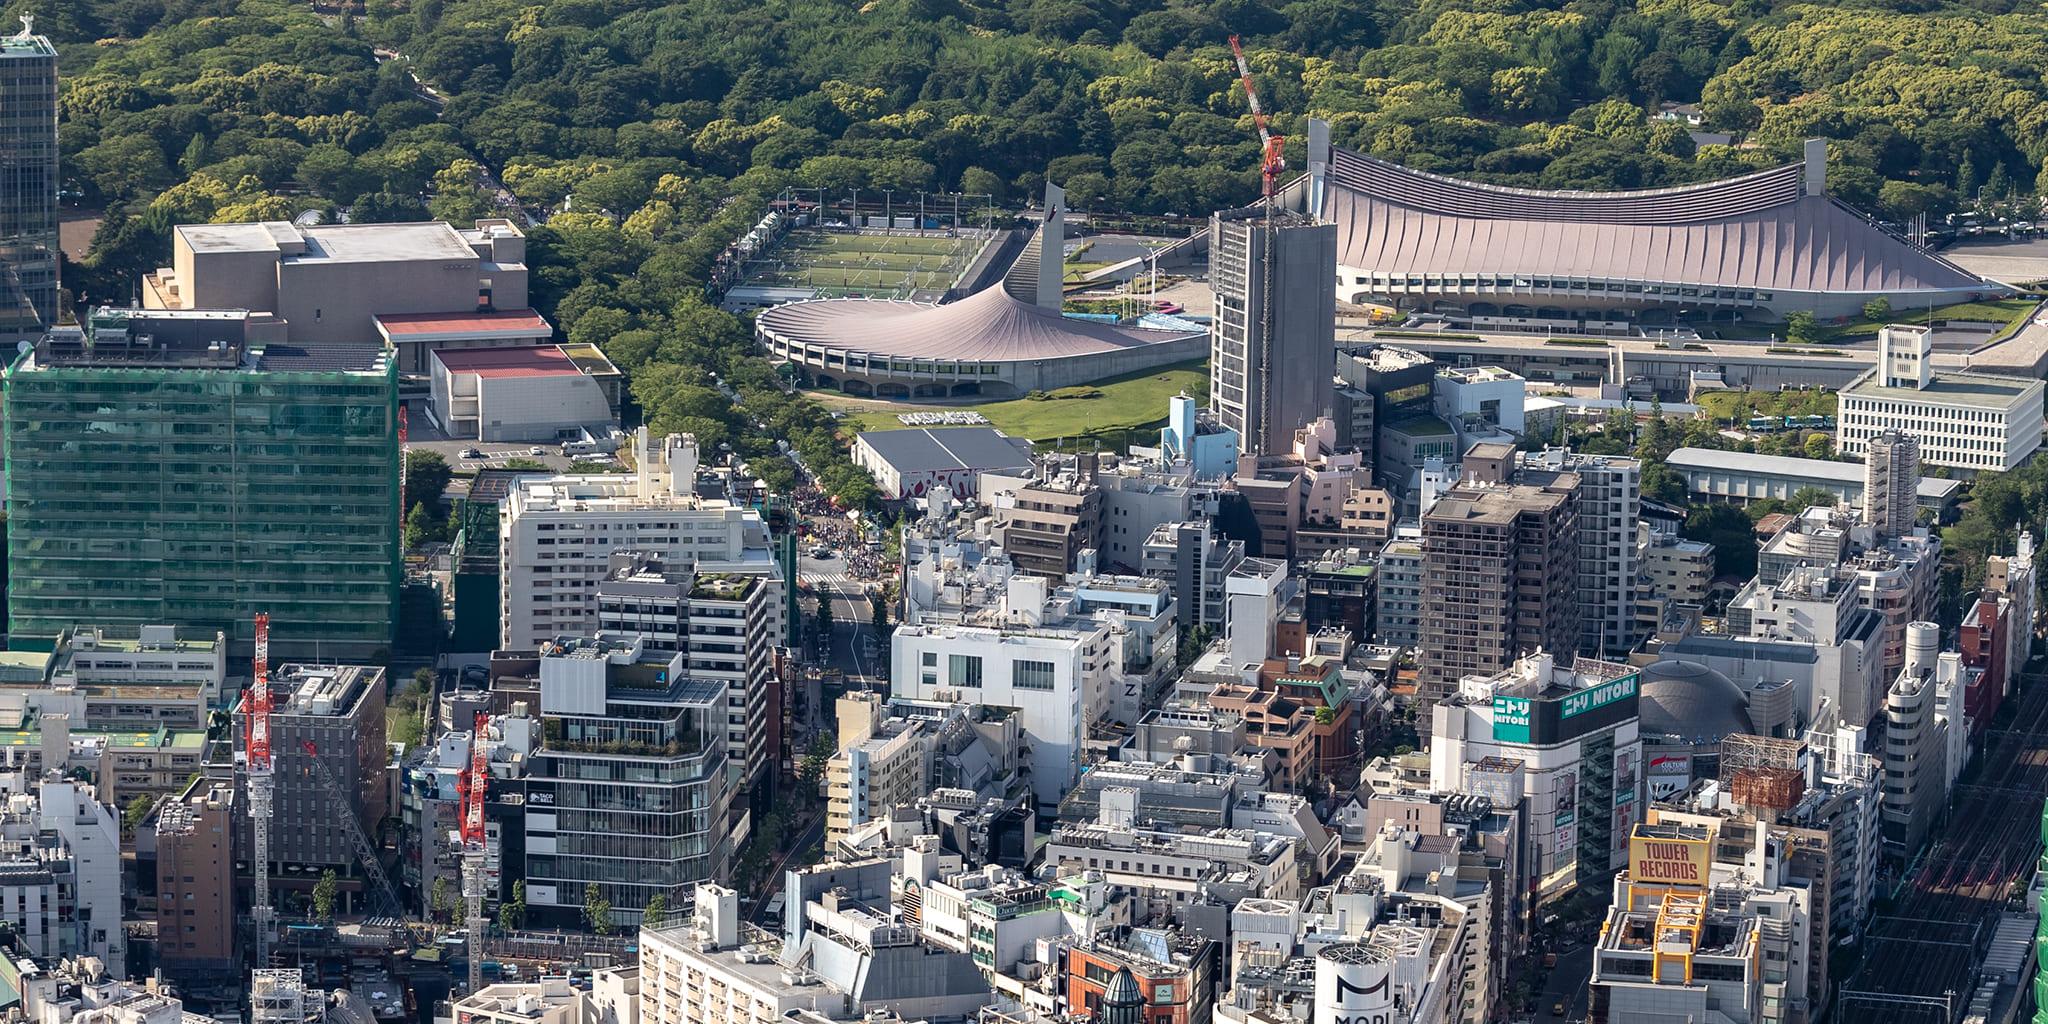 ヘリコプターで東京上空をフライトして見える代々木公園